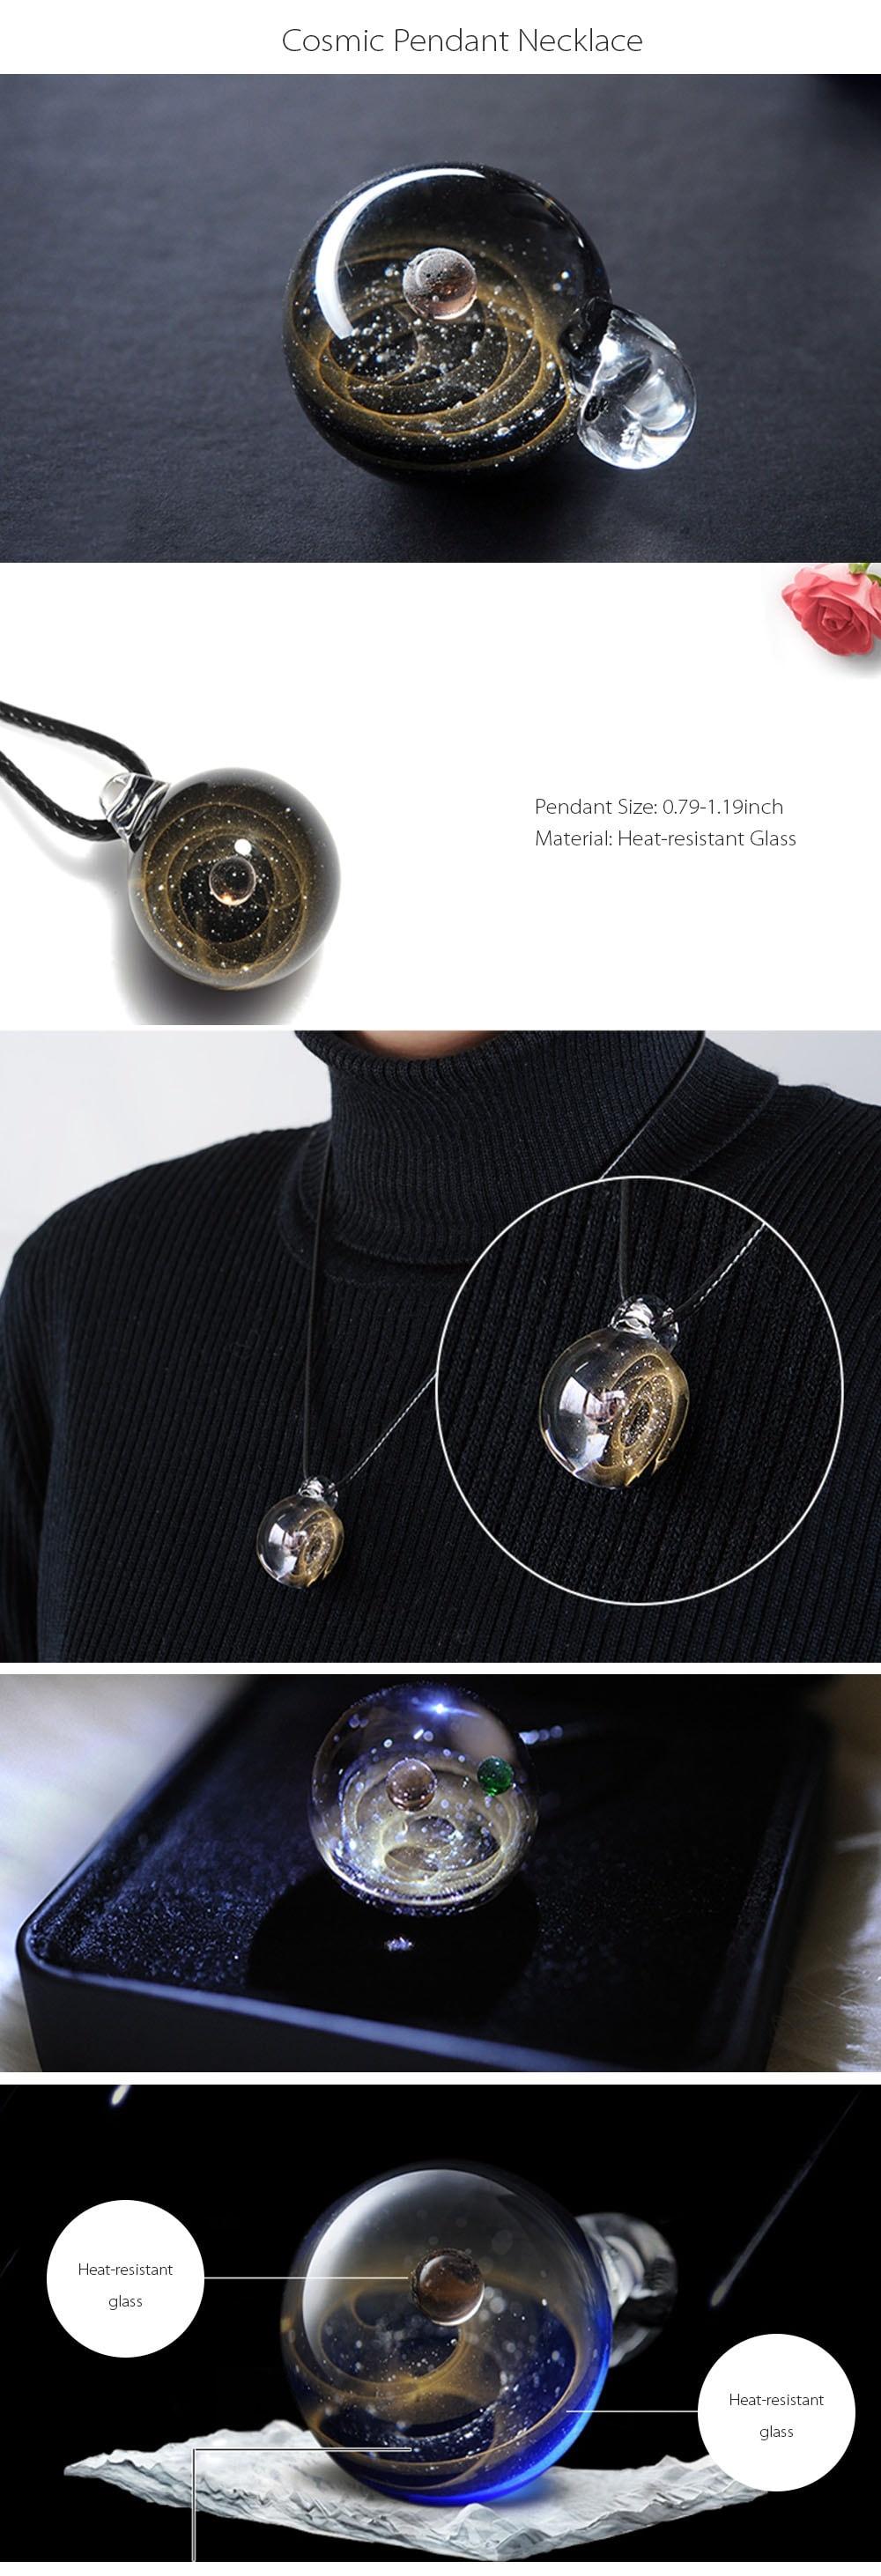 Universal Galaxy Pendant Stylishly Handcrafted